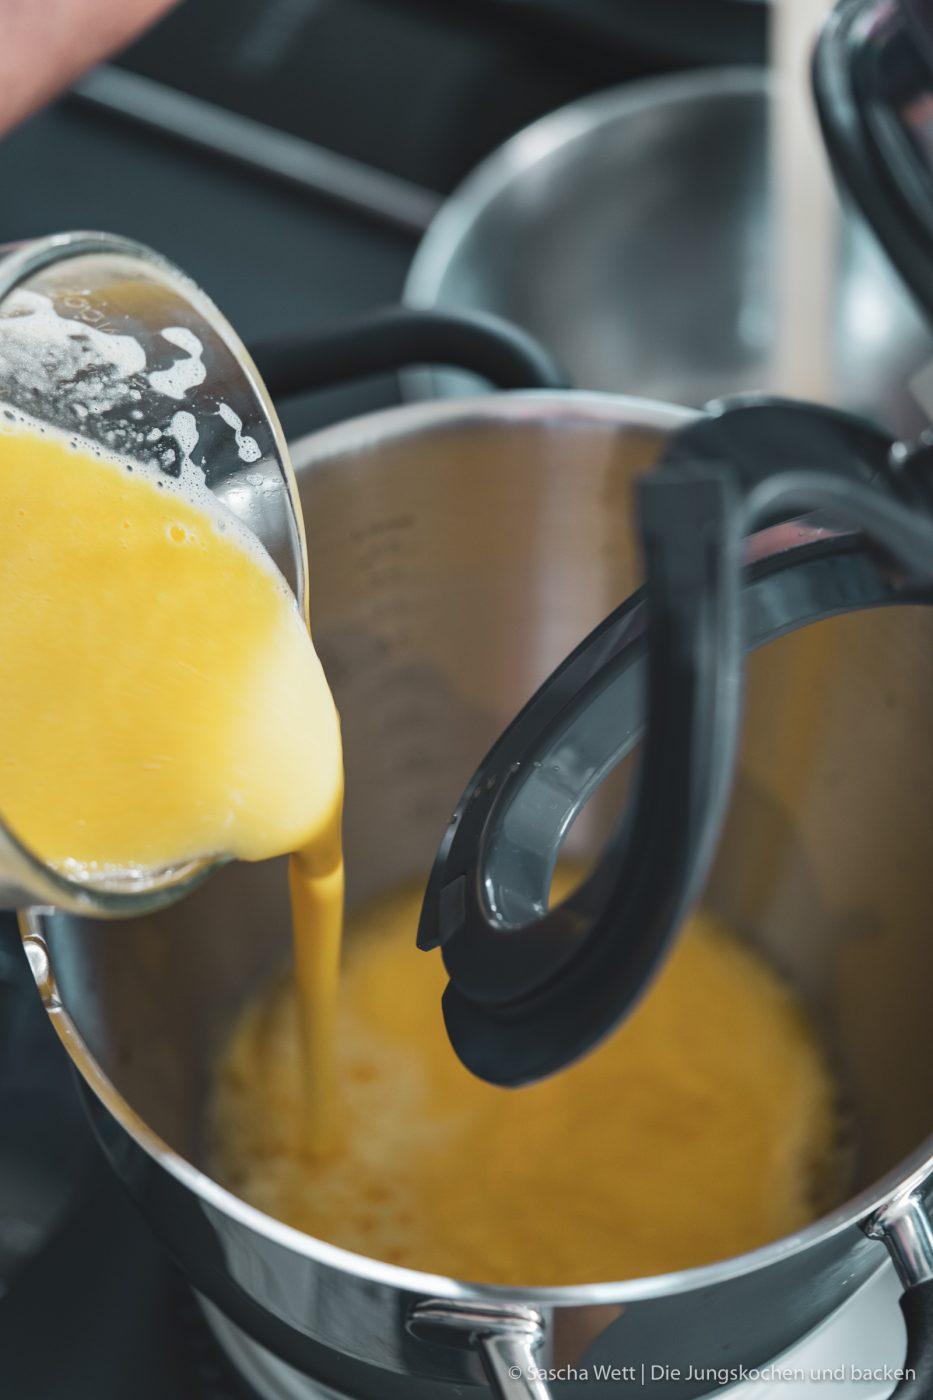 Solero Shot kenwood cookingchef drink 5 | Das heutige Rezept ist auf mehrere Arten etwas Besonderes und liegt uns riesig am Herzen! Dieses Rezept haben wir vor etwas mehr als 2 Jahren einfach total spontan zusammengebastelt. Seitdem ist unser Solero Shot, eines unserer beliebtesten Rezepte bei euch und das bis heute. Außerdem war es eine absolute Premiere und auch der Grund warum wir euch dieses Rezept heute erneut vorstellen. Es war unser erstes Rezept für die Kenwood Cooking Chef Gourmet! Ihr wisst ja, wie sehr wir diese Küchenmaschine lieben und freuen uns, gemeinsam mit Kenwood, euch dieses Rezept frisch und mit etwas überarbeiteter Rezeptur zu präsentieren.